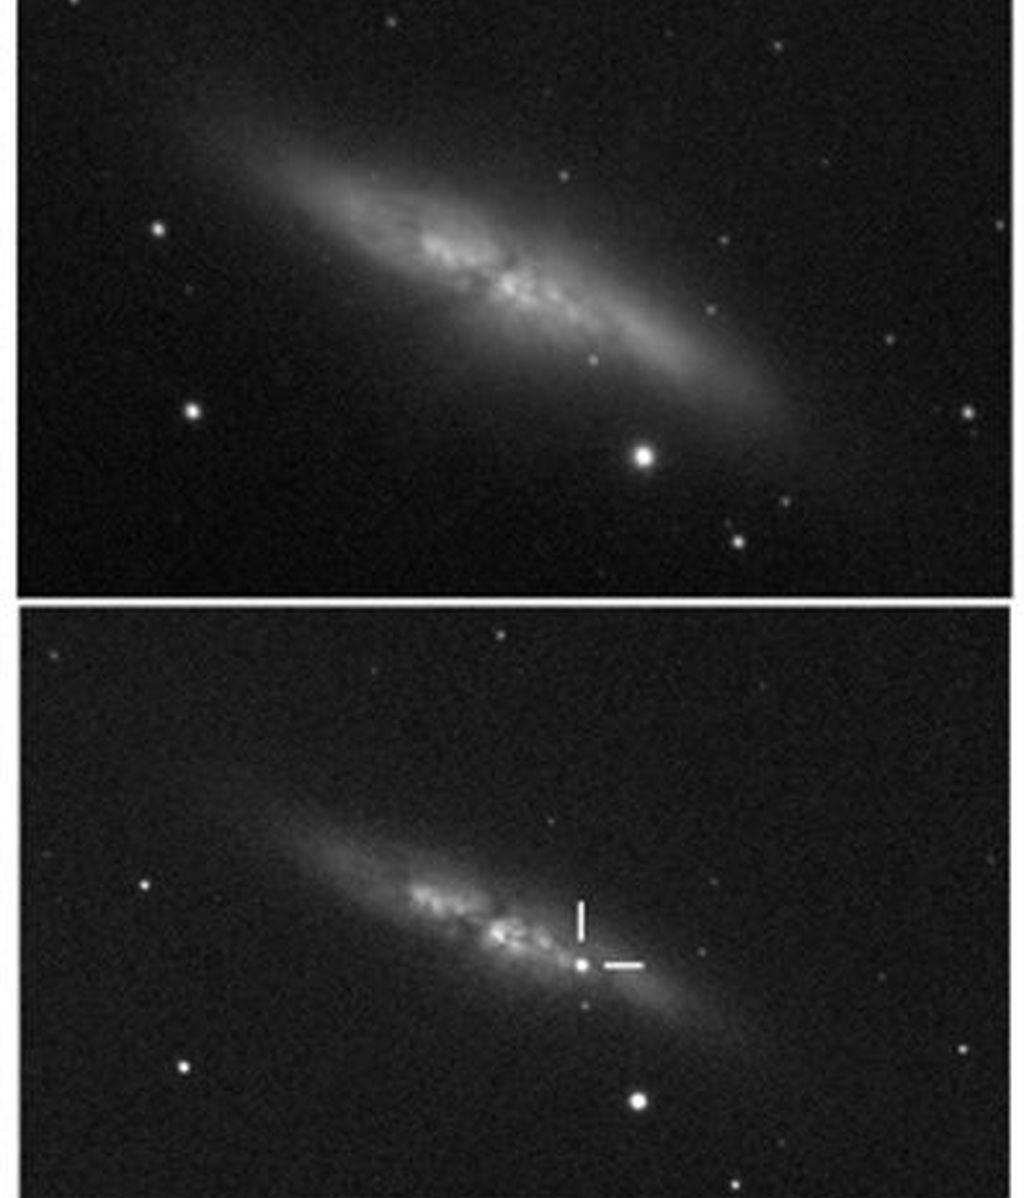 Una supernova podría ser visible desde la Tierra en dos semanas